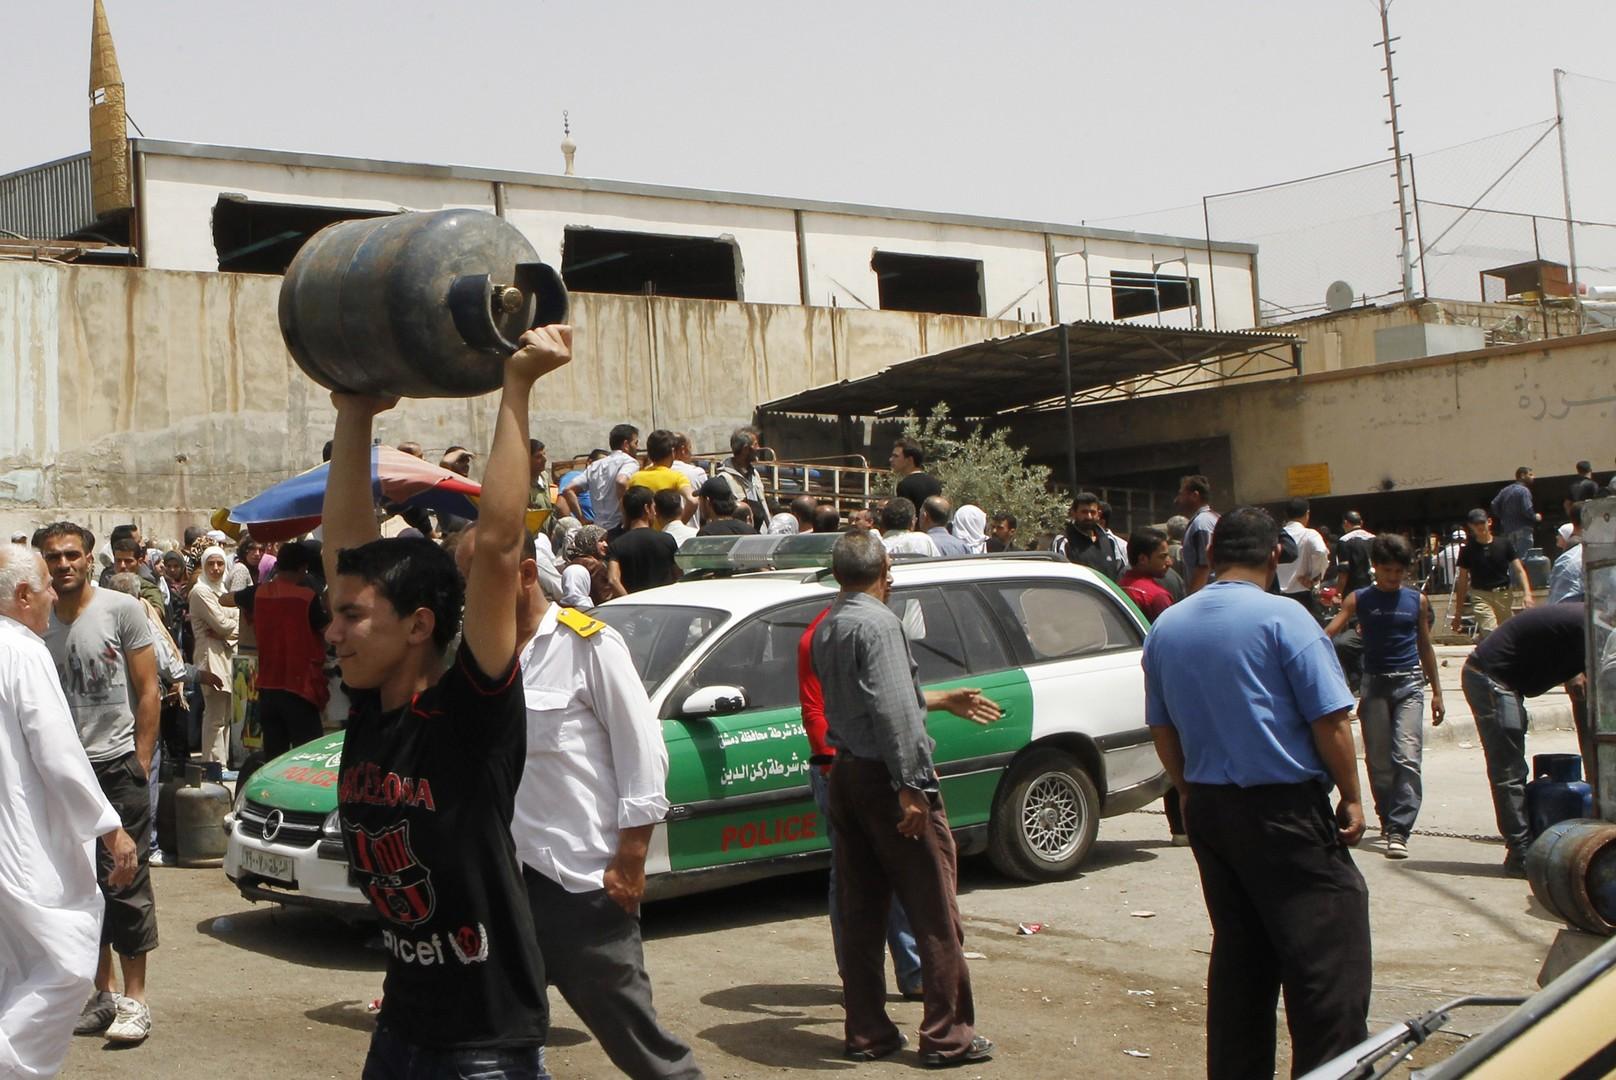 رفع سعر الغاز في سوريا.. الوزارة: لا يشمل المنزلي.. والحرفيون: سنلجأ للأرخص